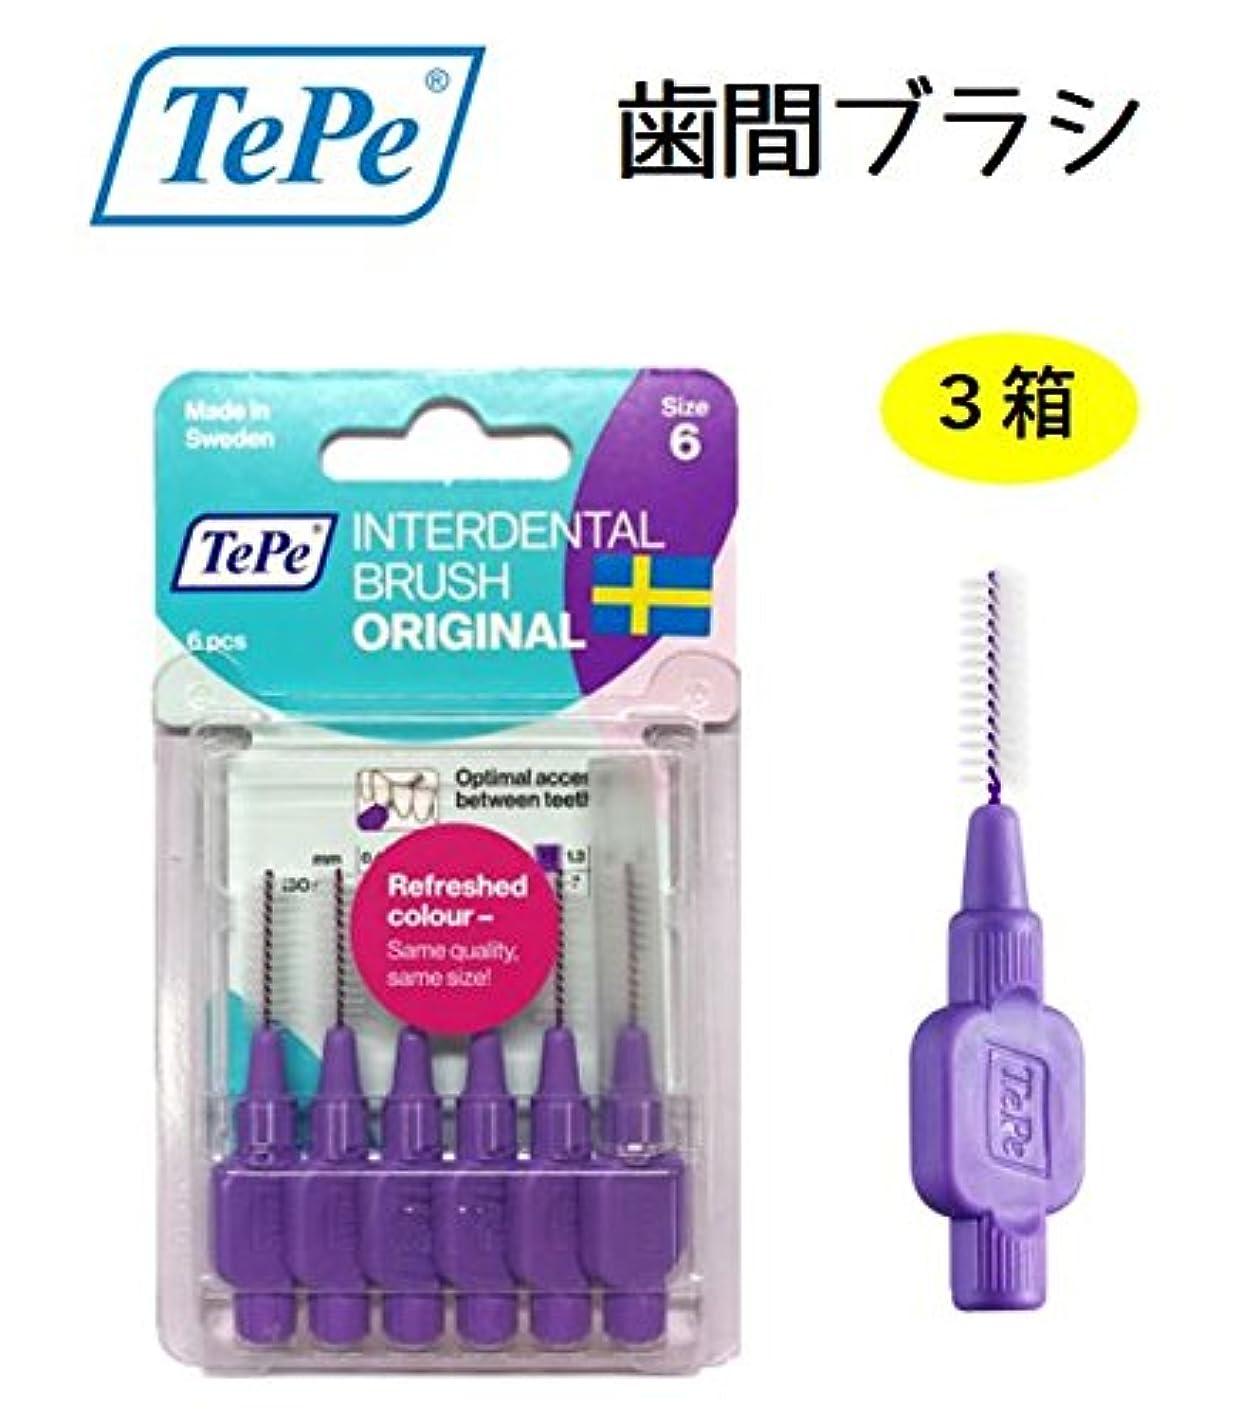 コンサート権利を与える路地テペ 歯間プラシ 1.1mm ブリスターパック 3パック TePe IDブラシ